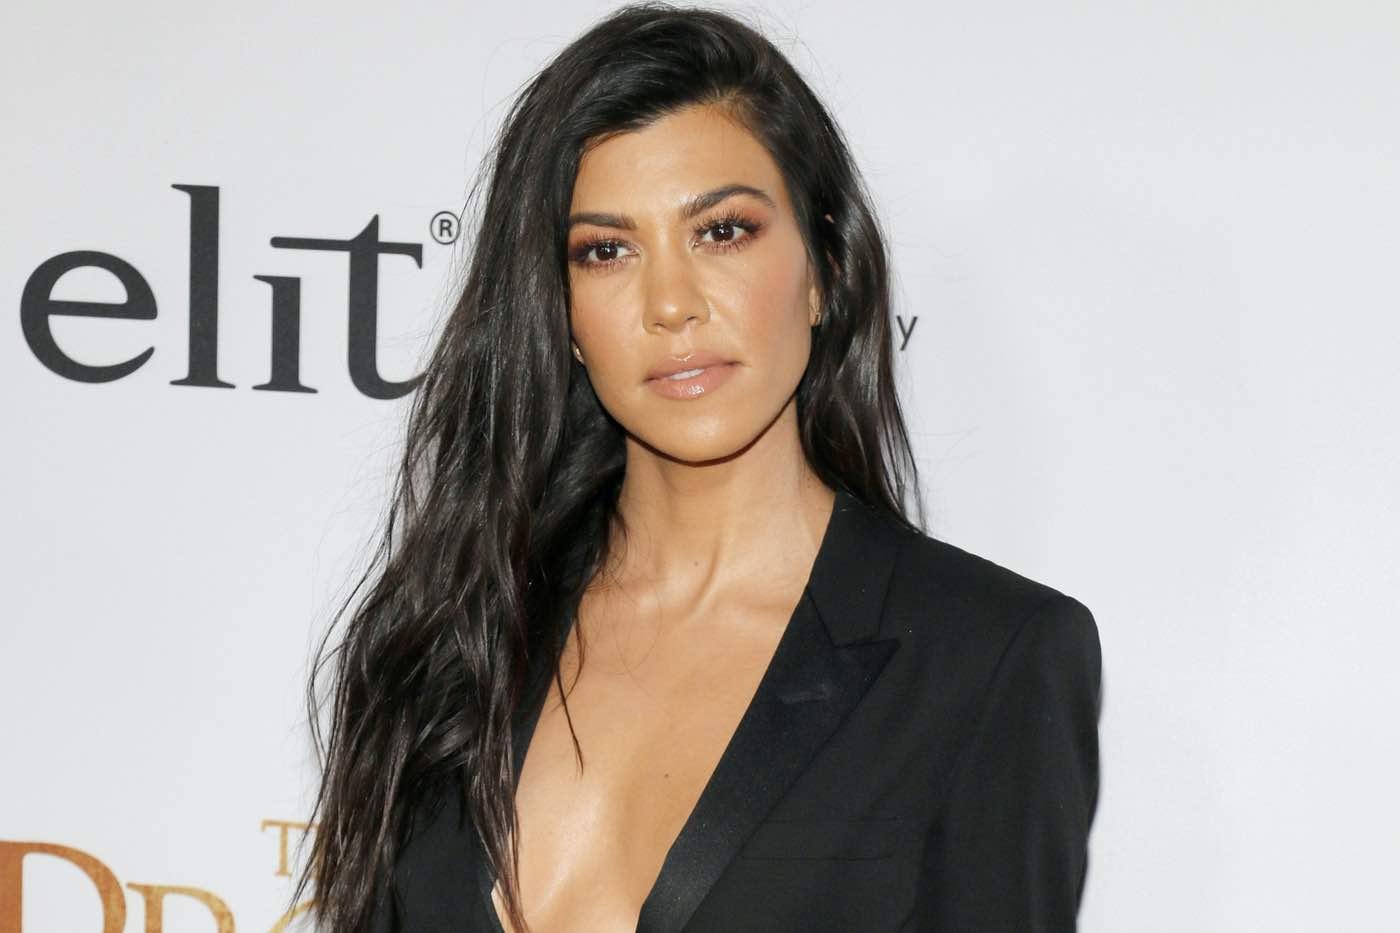 La fortuna de la familia Kardashian-Jenner: Kourtney